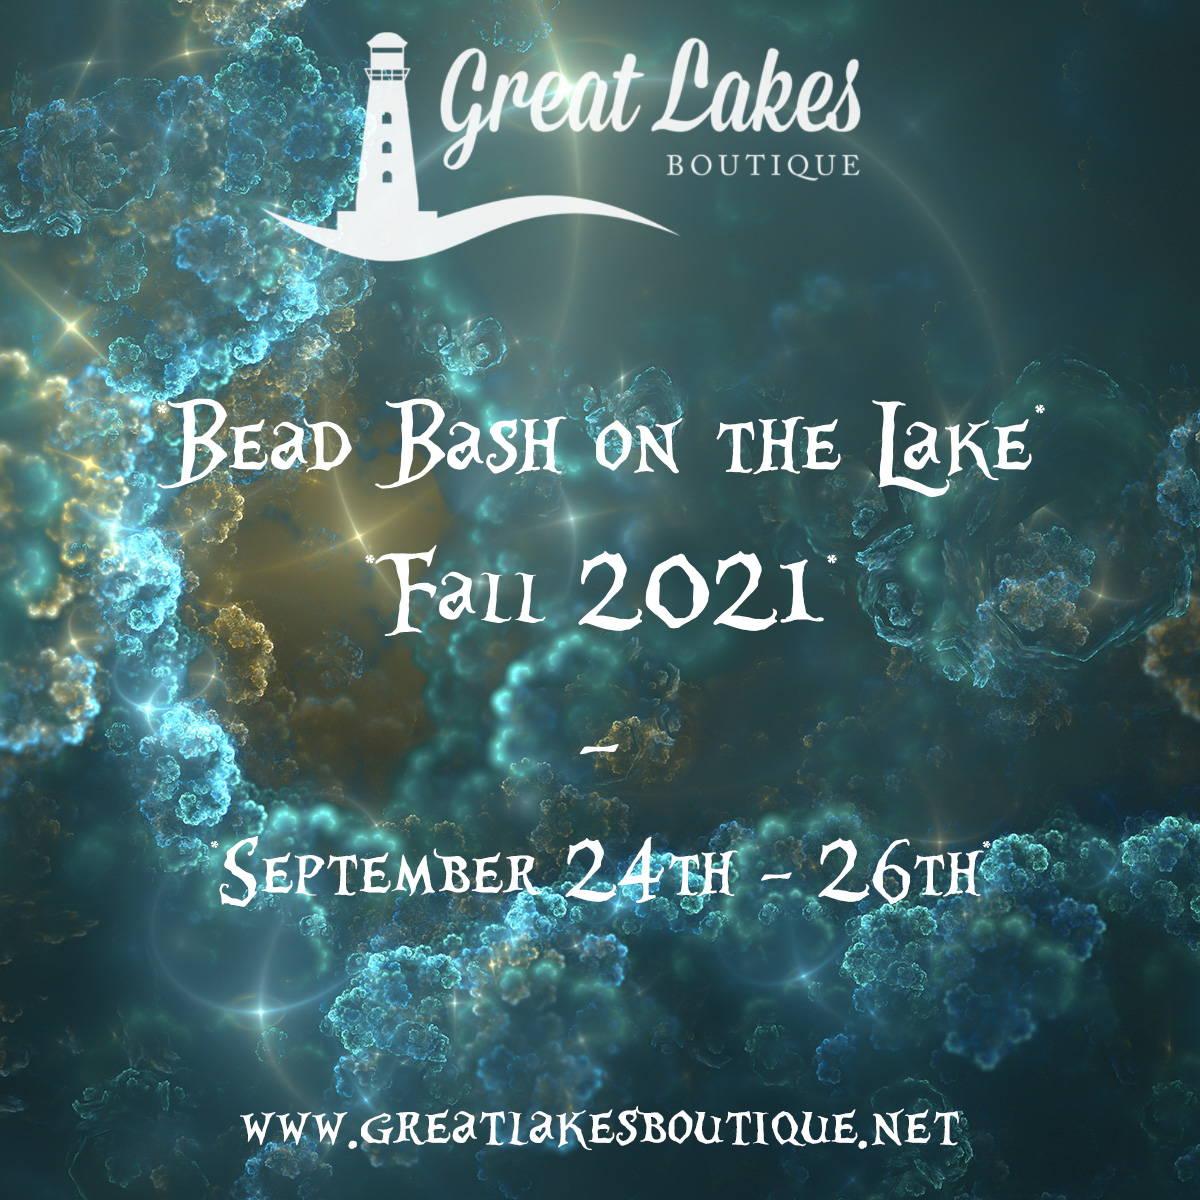 Bead Bash on the Lake